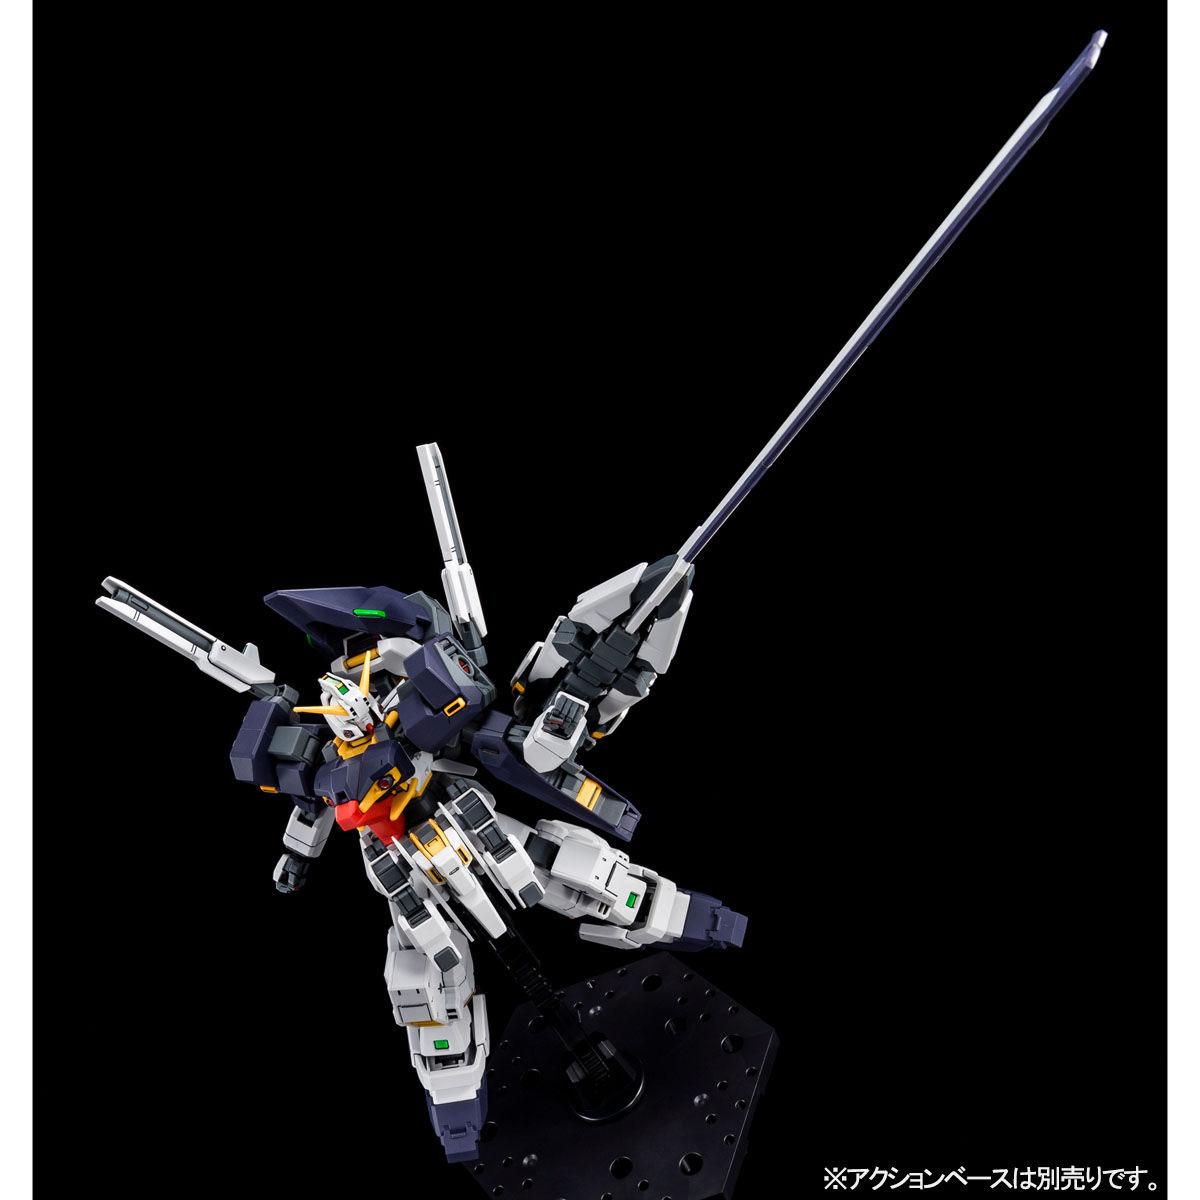 【限定販売】HG 1/144『ガンダムTR-1[ハイゼンスレイ]』プラモデル-005